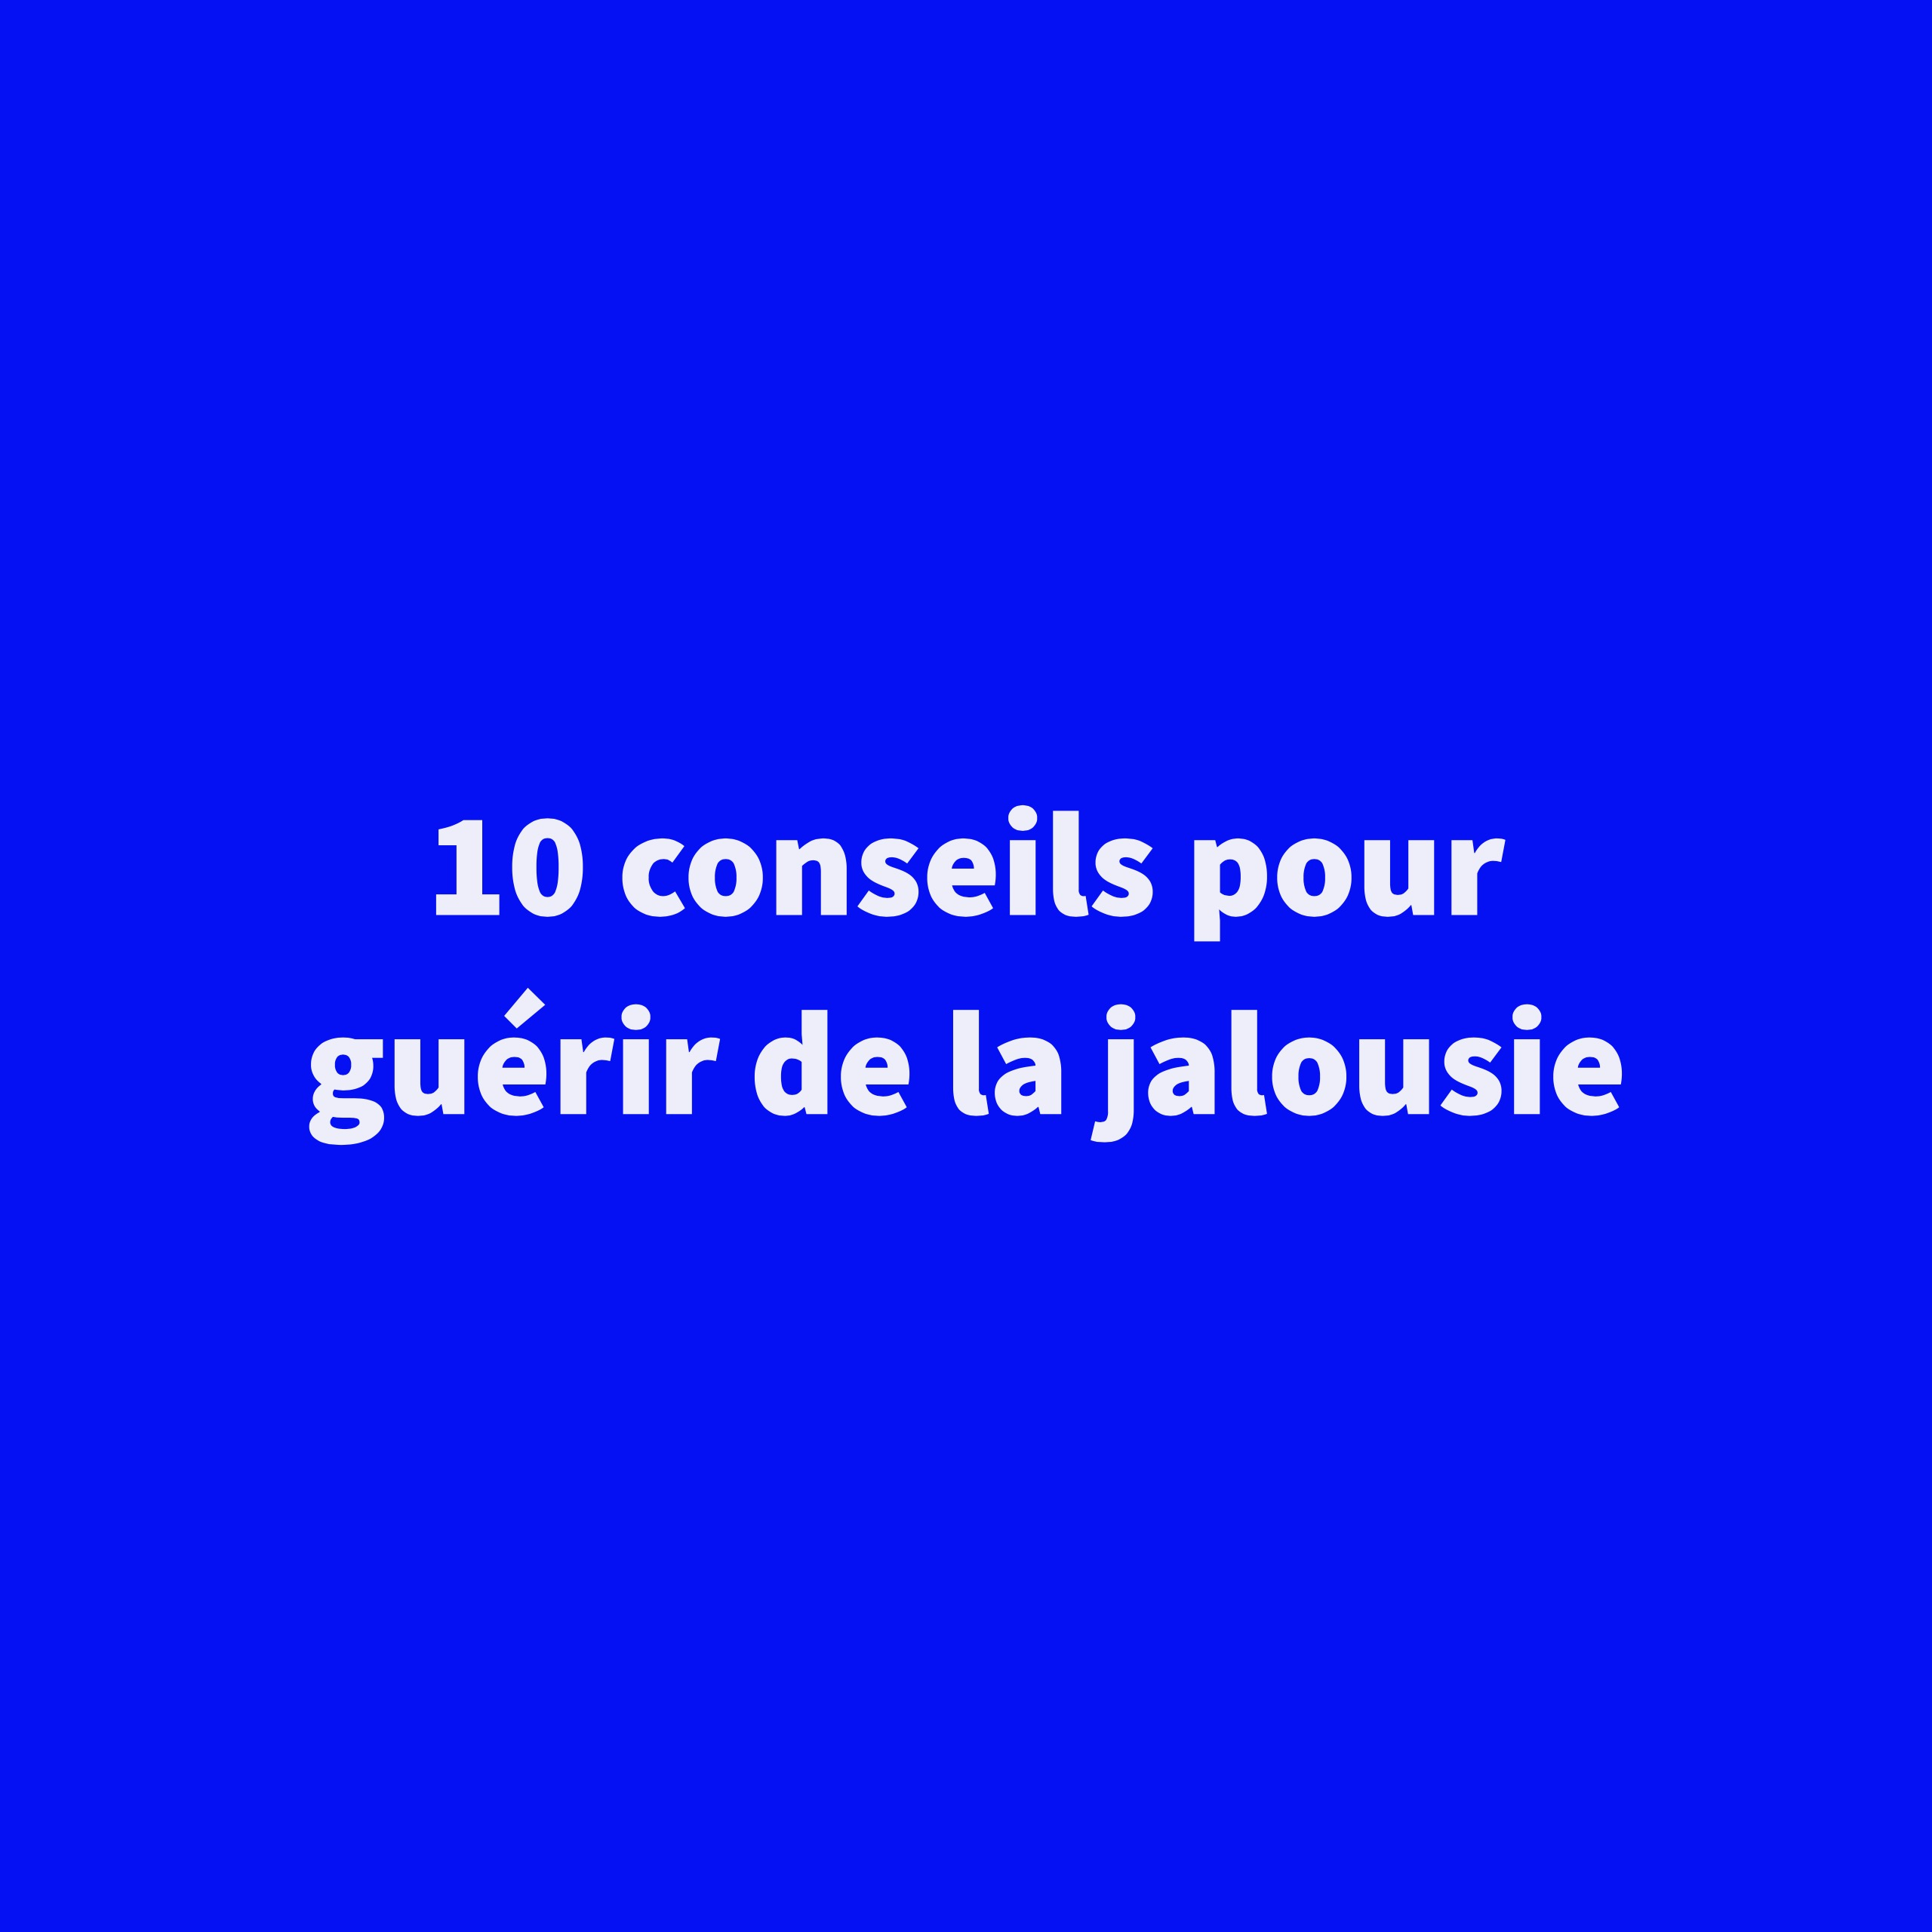 10 conseils pour gu233rir de la jalousie